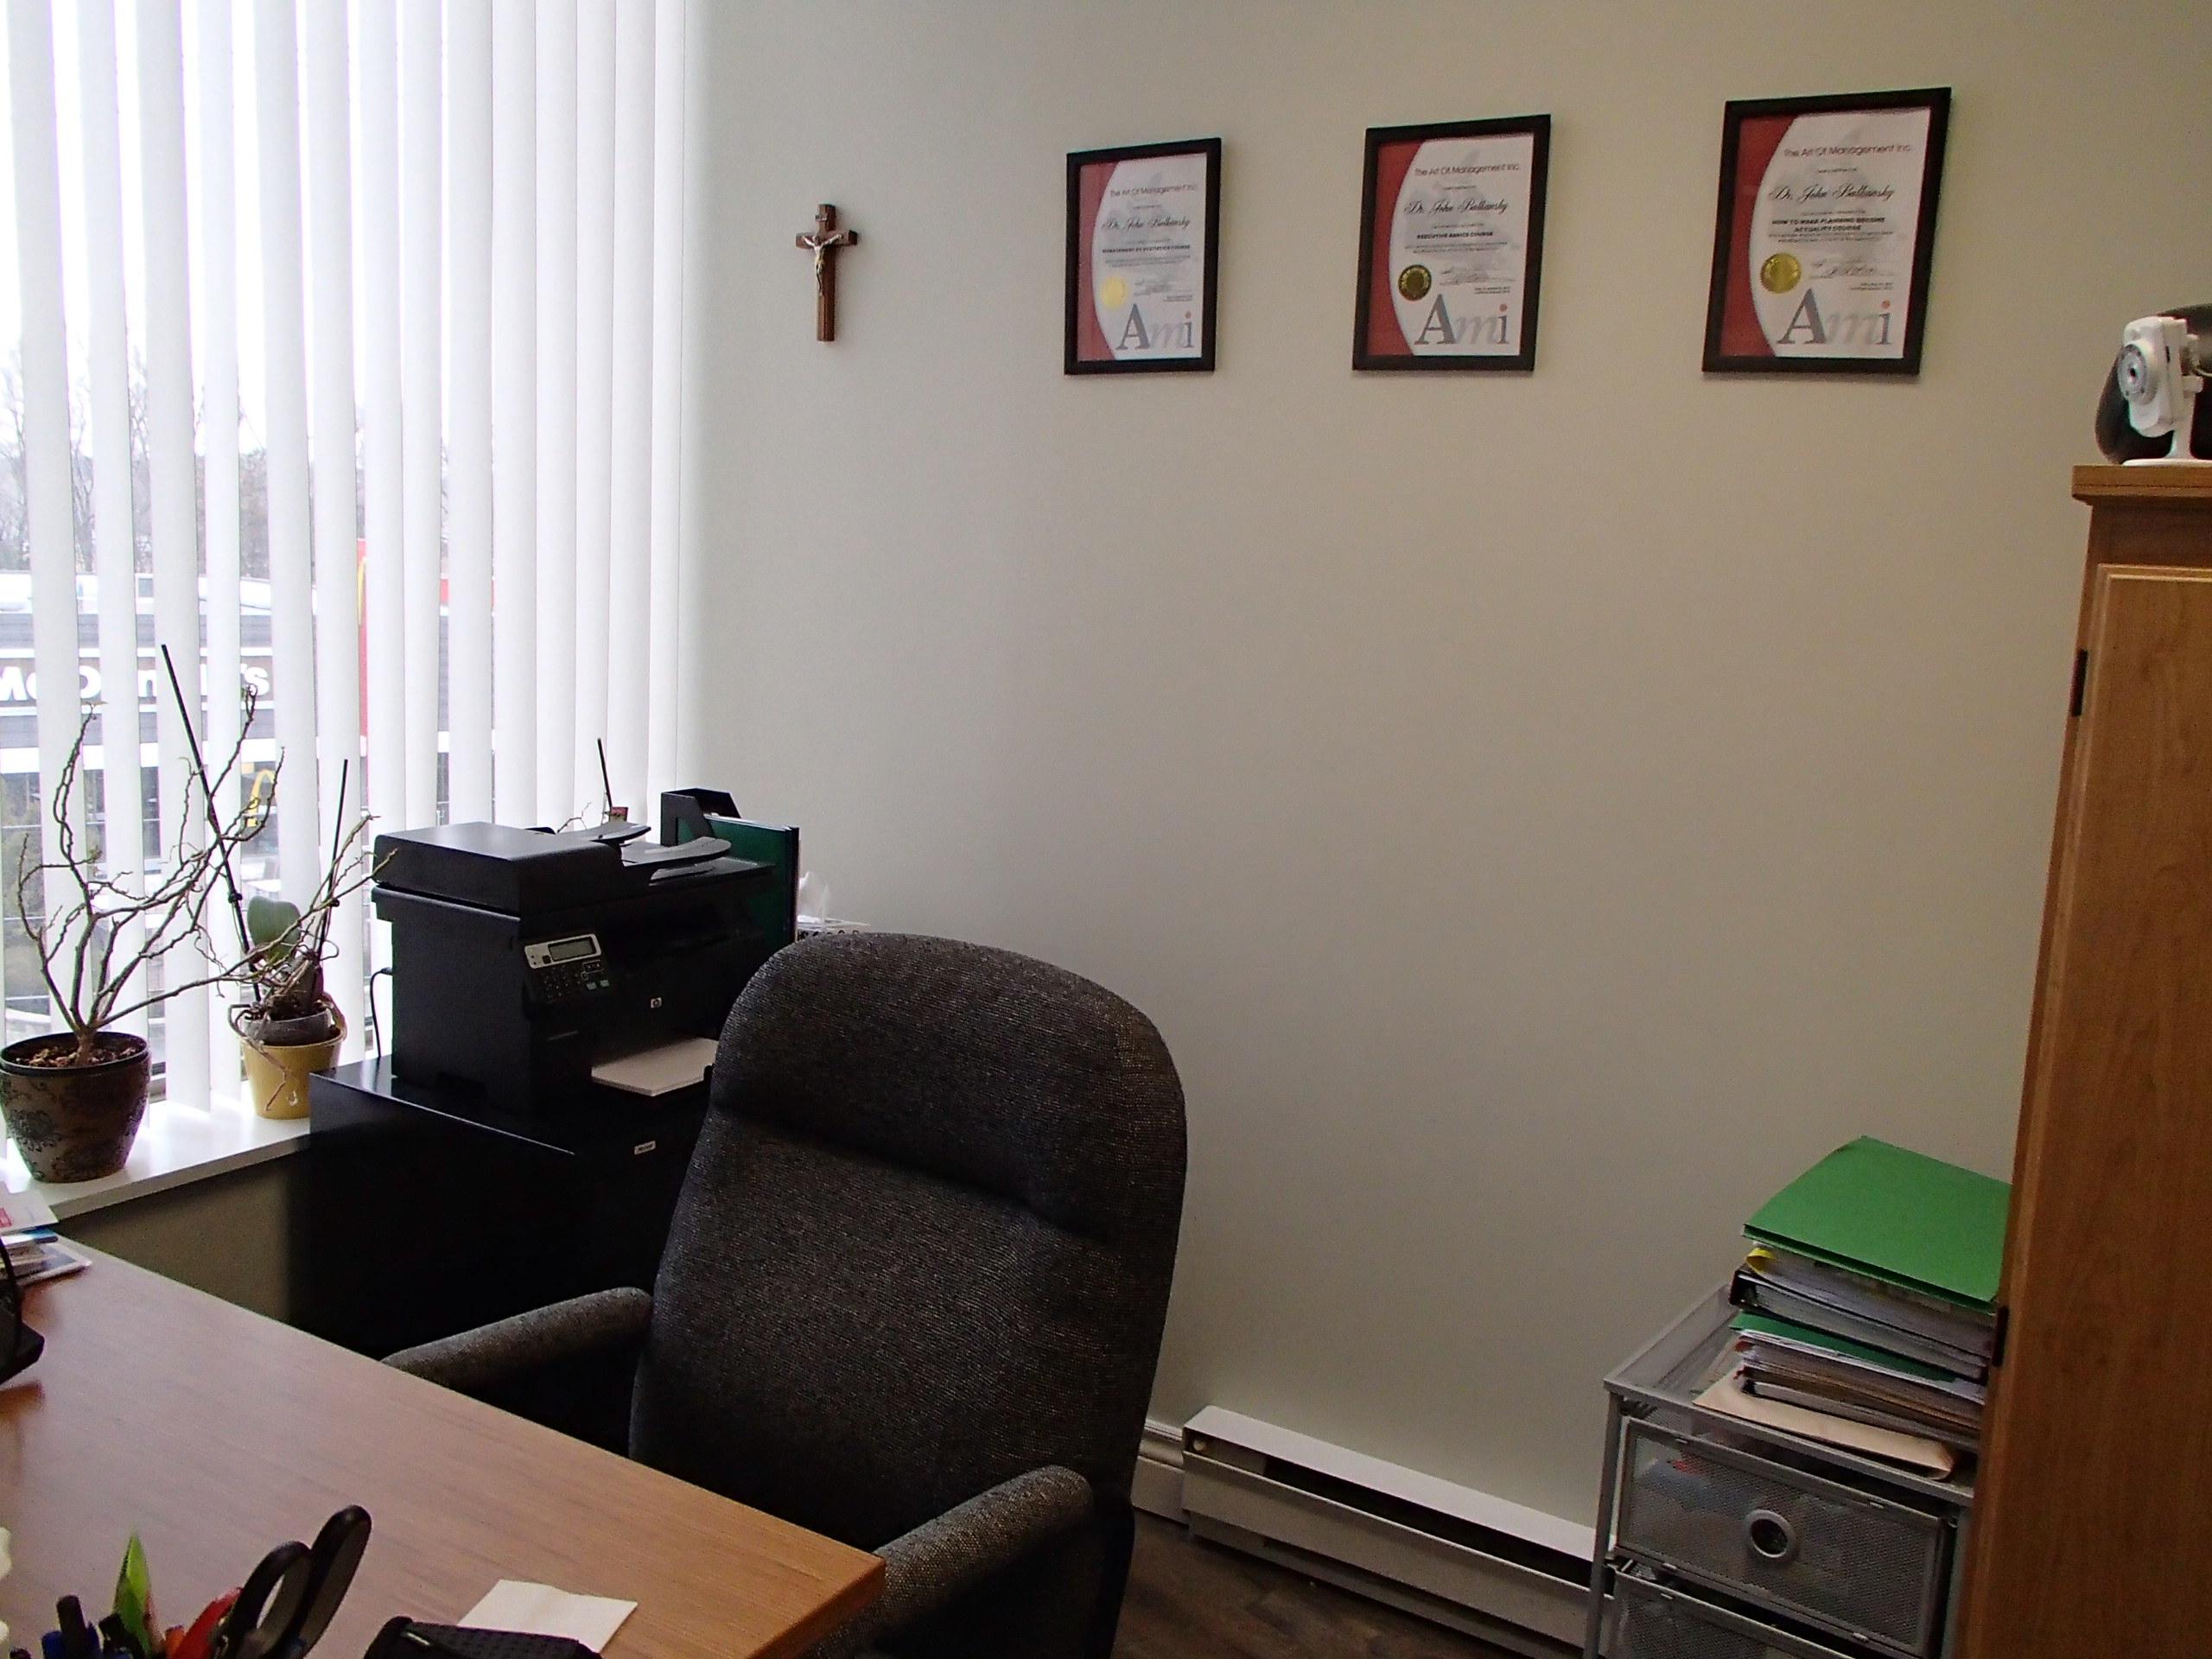 Dr. John Balkansky's Office